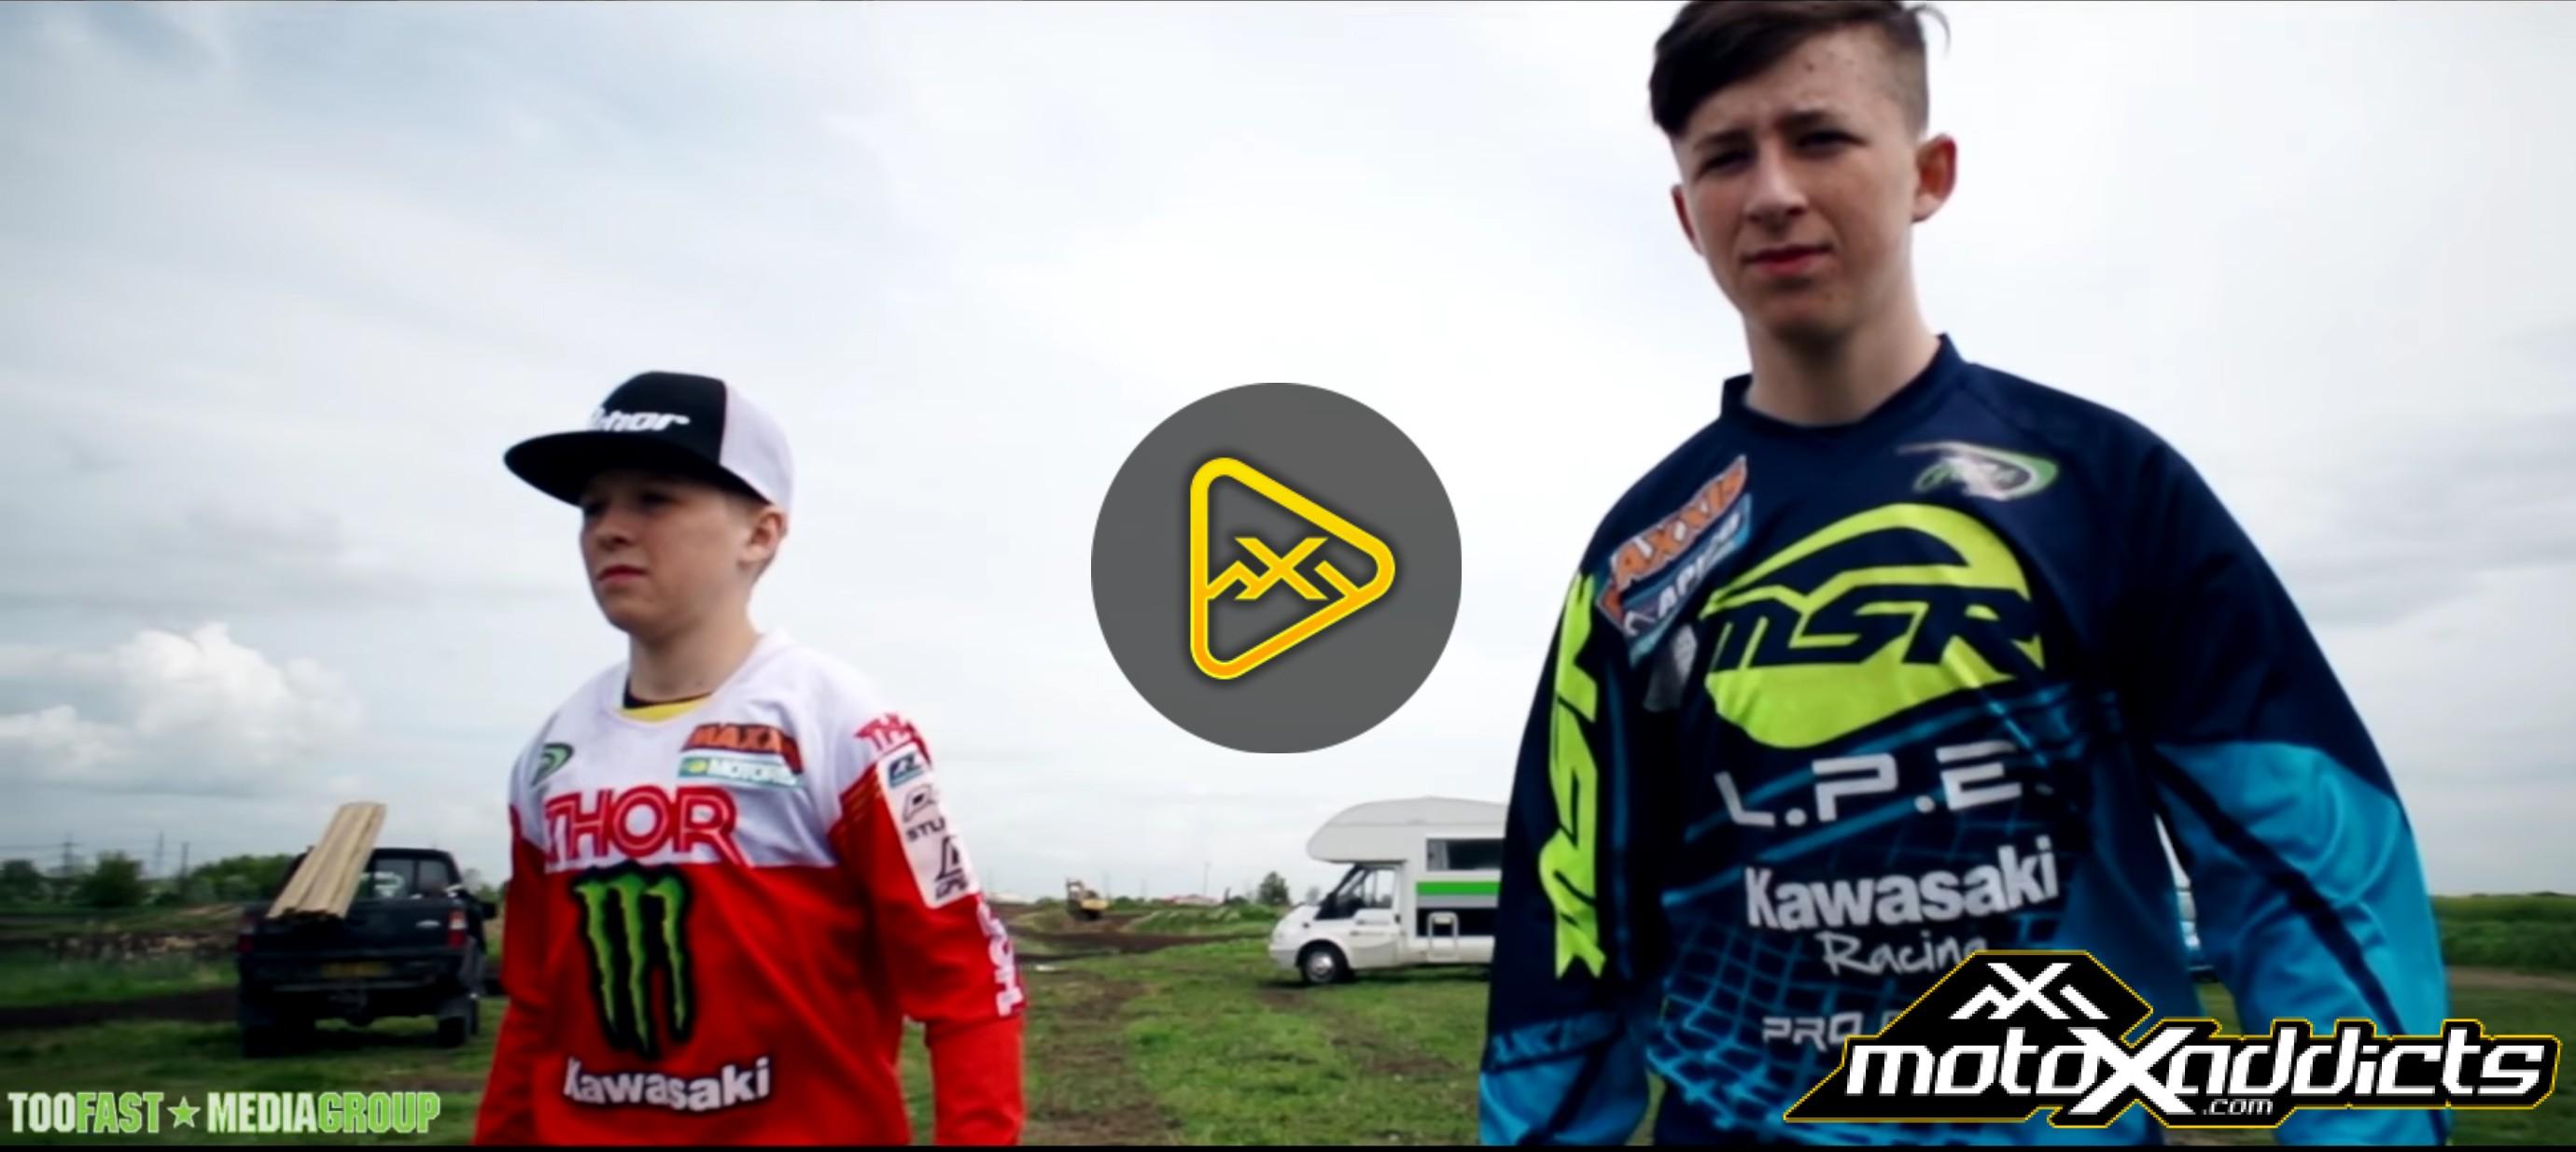 Motocross – The (European) Prodigies 2